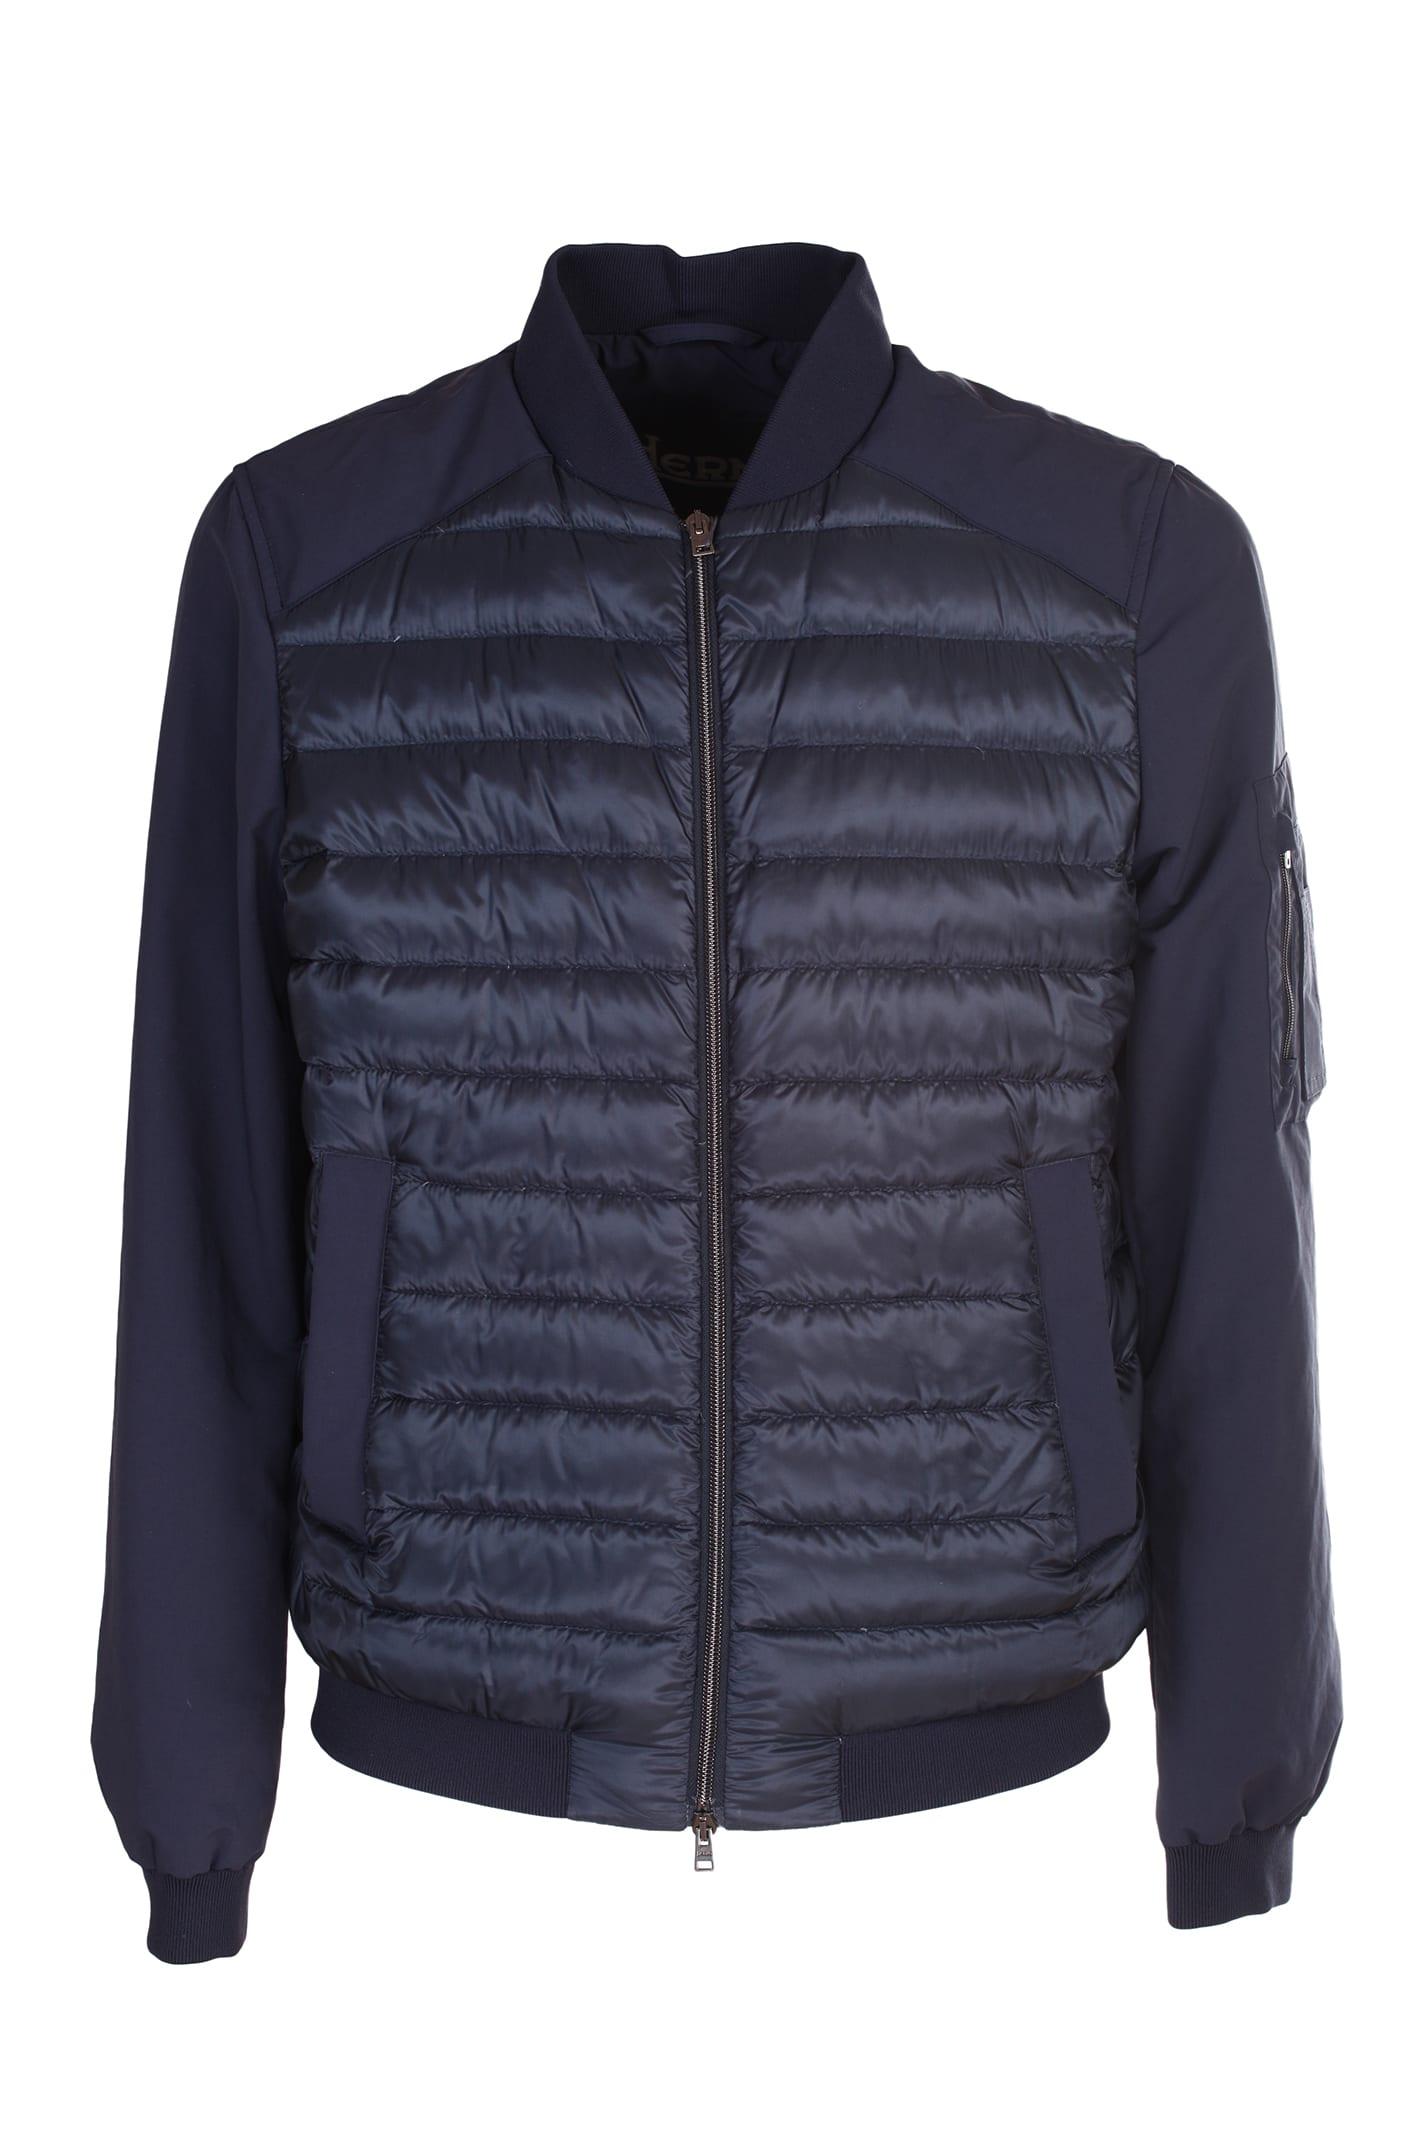 Herno Bomber jackets BOMBER CREATED